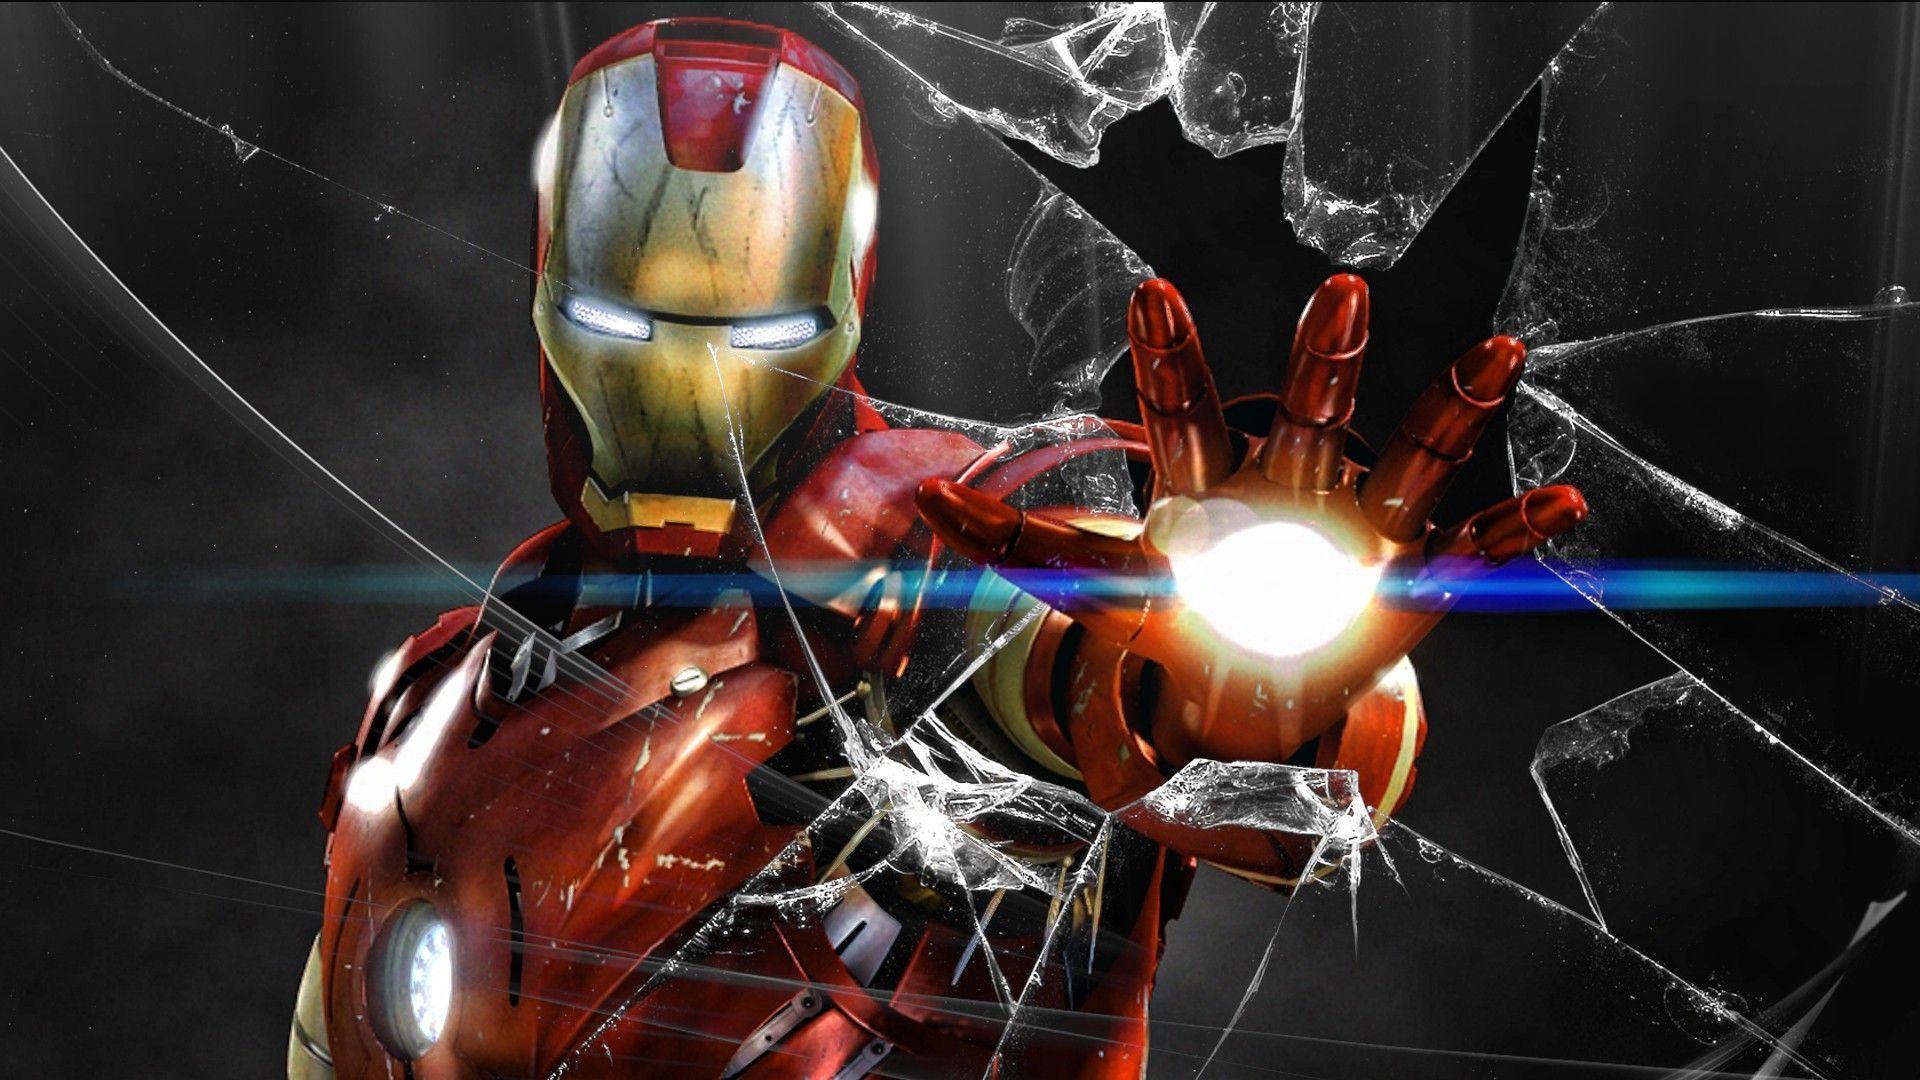 Superhero Broken Screen Wallpapers Top Free Superhero Broken